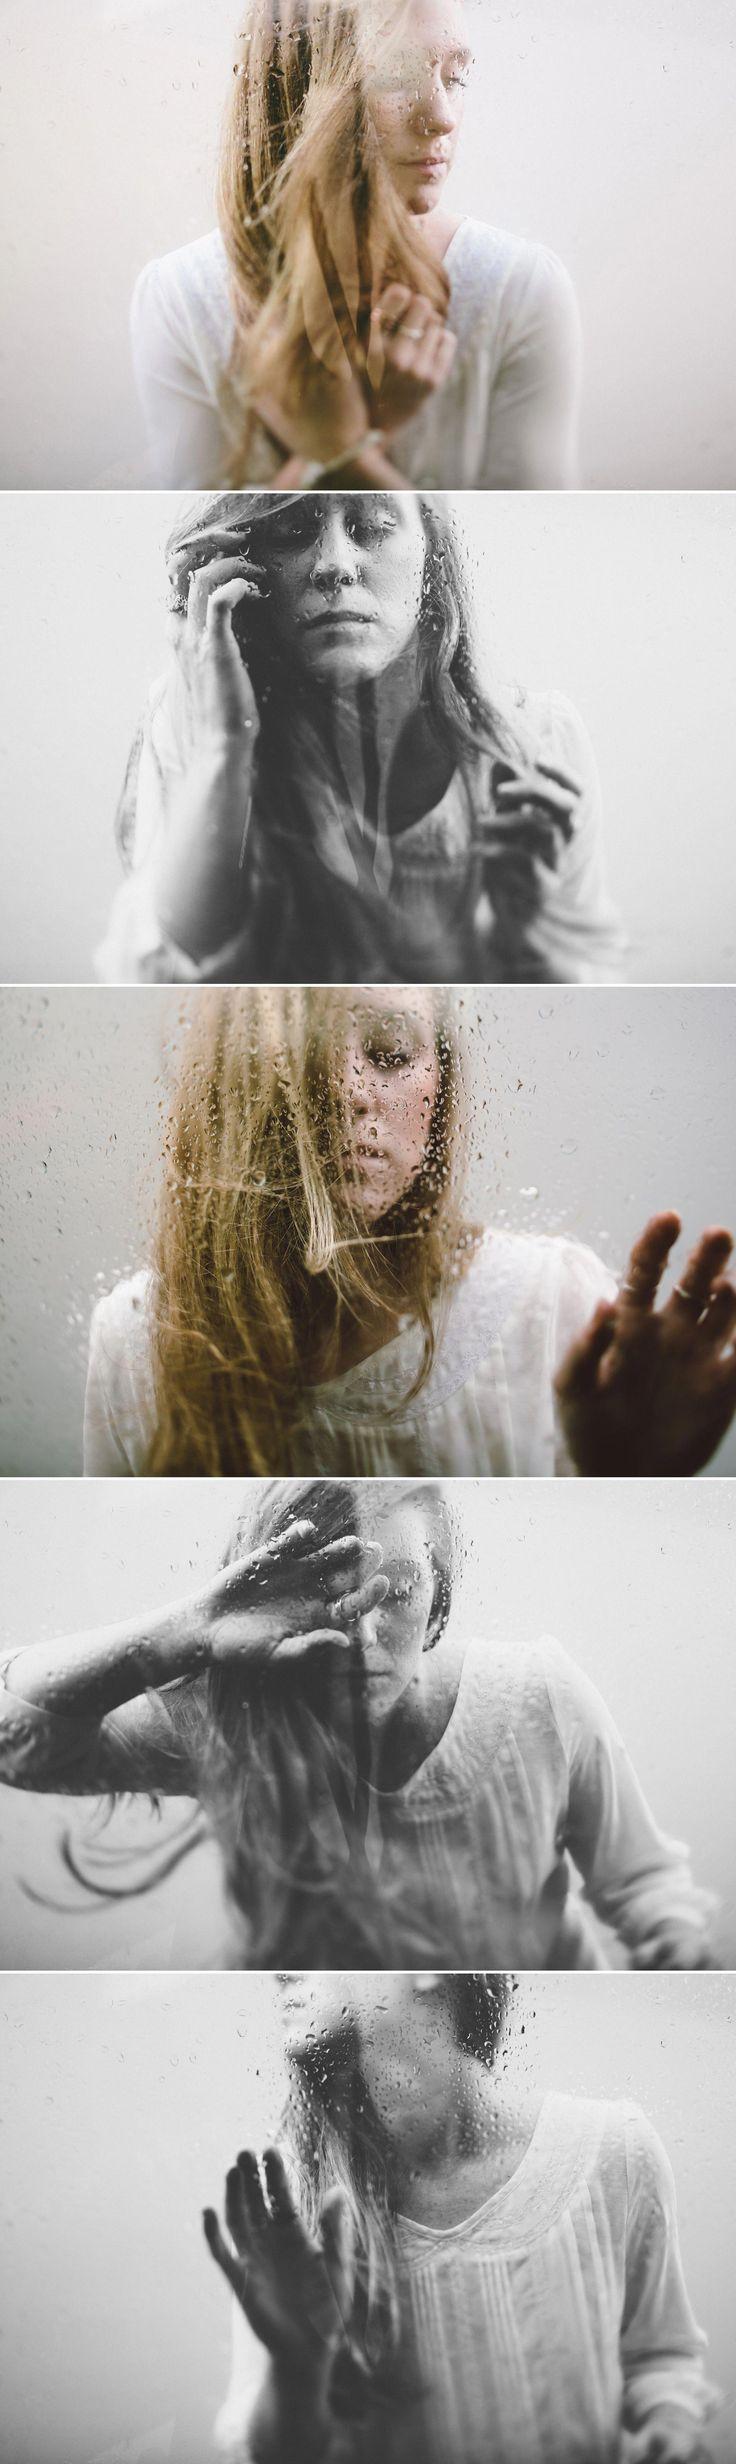 Wiggly How To Photoshop Wie man #photoshopj #HowToPhotoshopAwesome macht